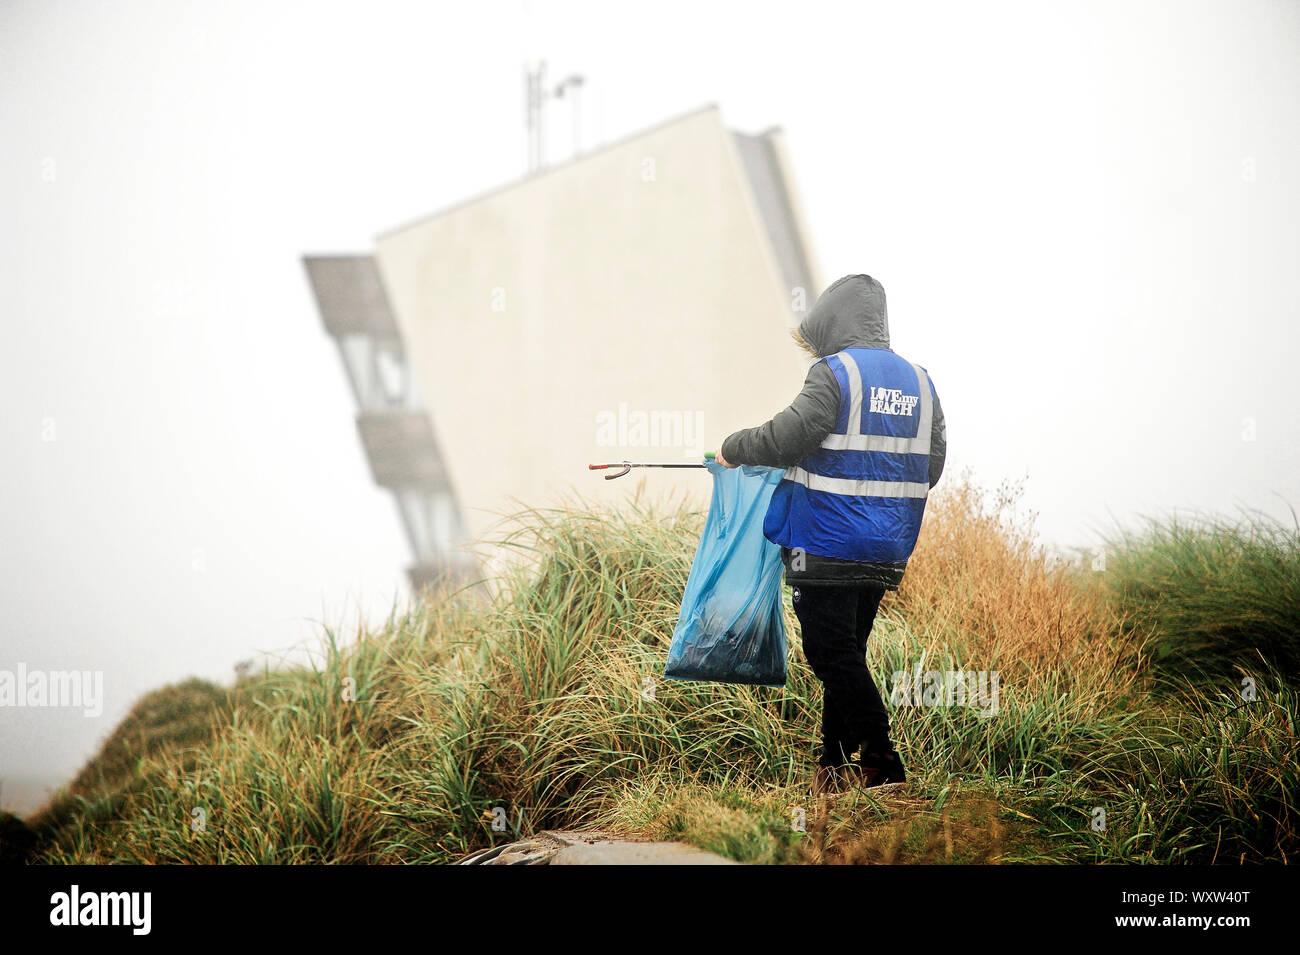 Raccoglitrice solitaria che lavora di fronte alla torre di osservazione di Rossall Point sul lungomare di Fleetwood in condizioni climatiche fredde e umide Foto Stock